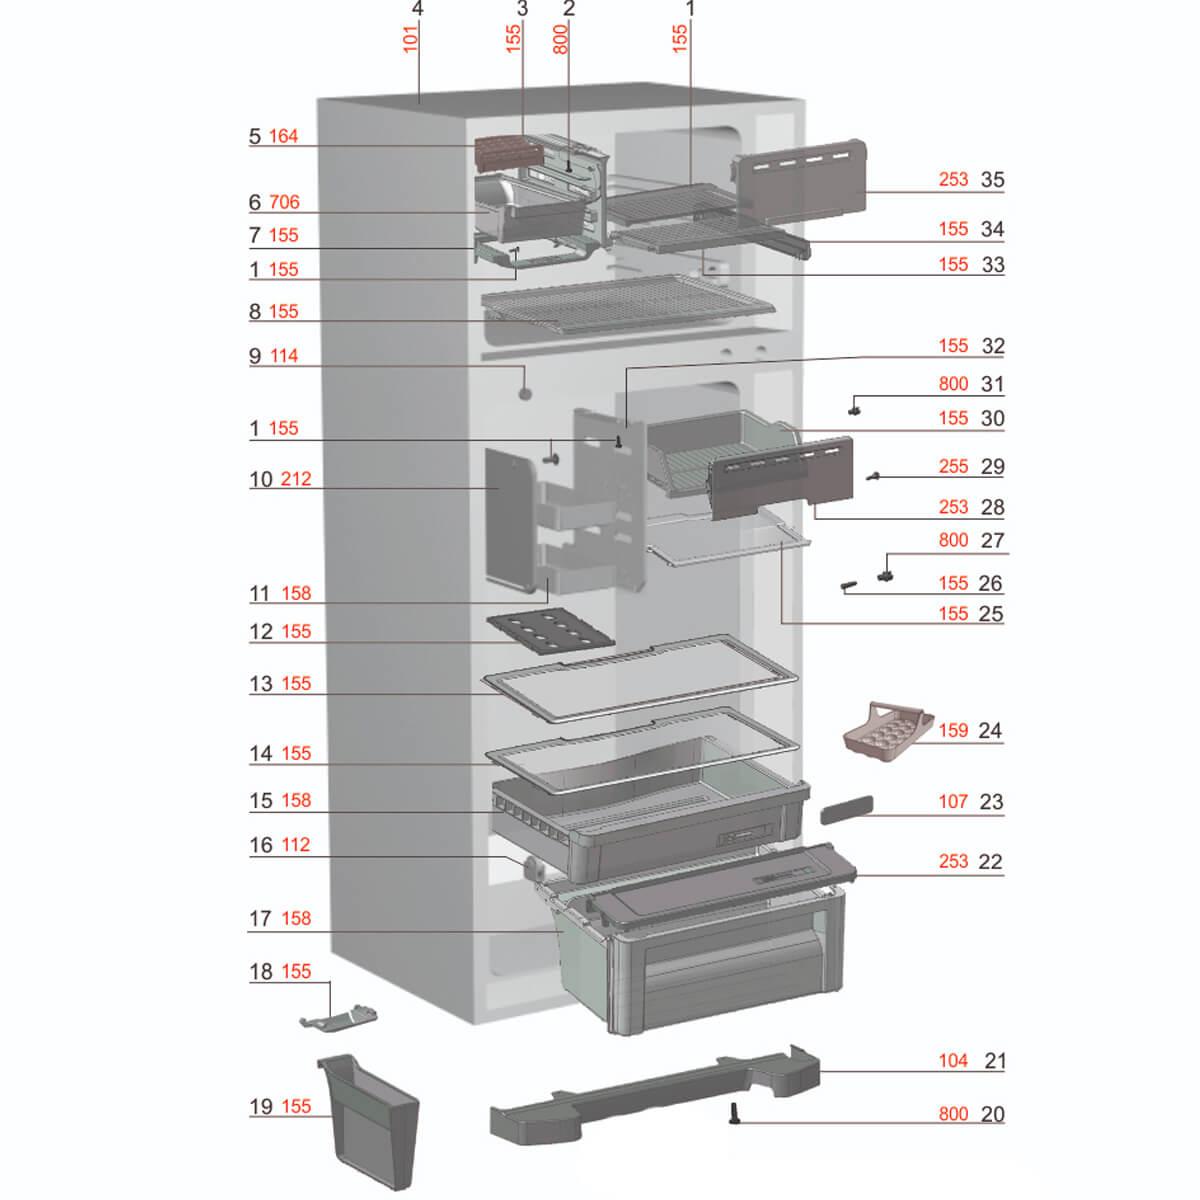 Tampa Basculante Freezer Refrigerador Electrolux - 67496378